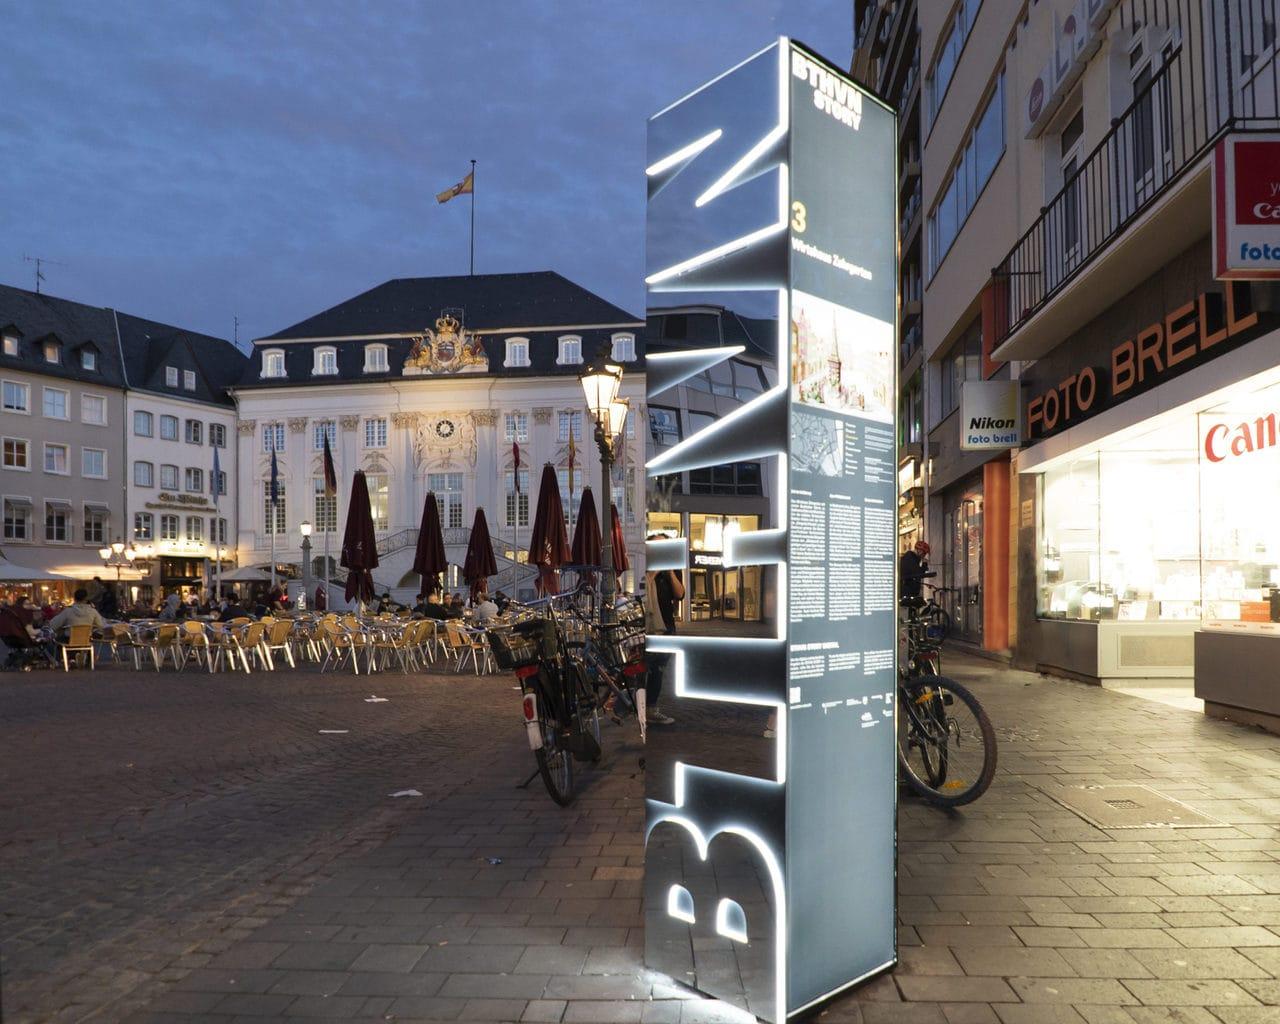 Marktplein in Bonn met borden voor het Beethoven Festival